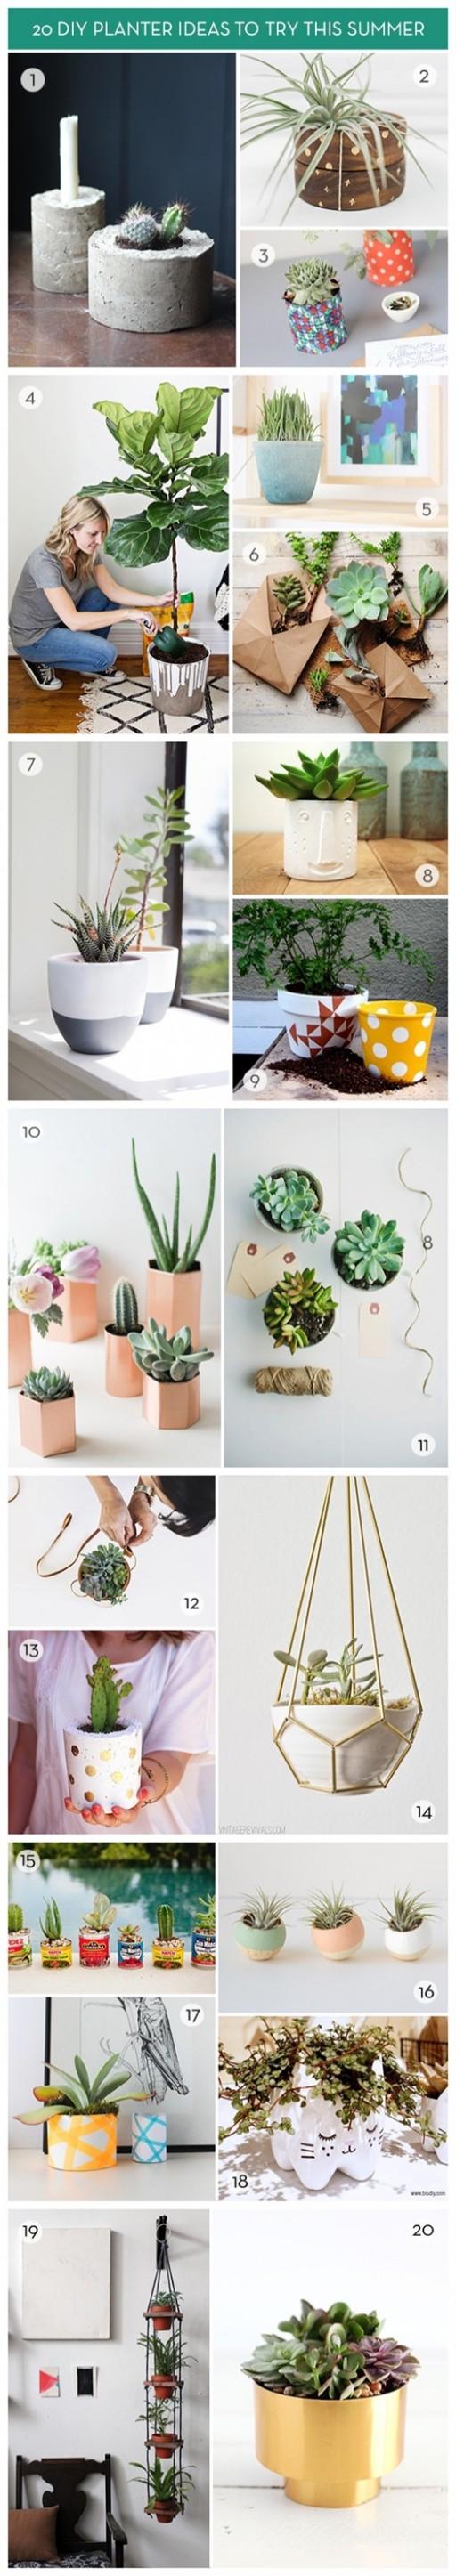 20 Summer DIY Planter Ideas 2